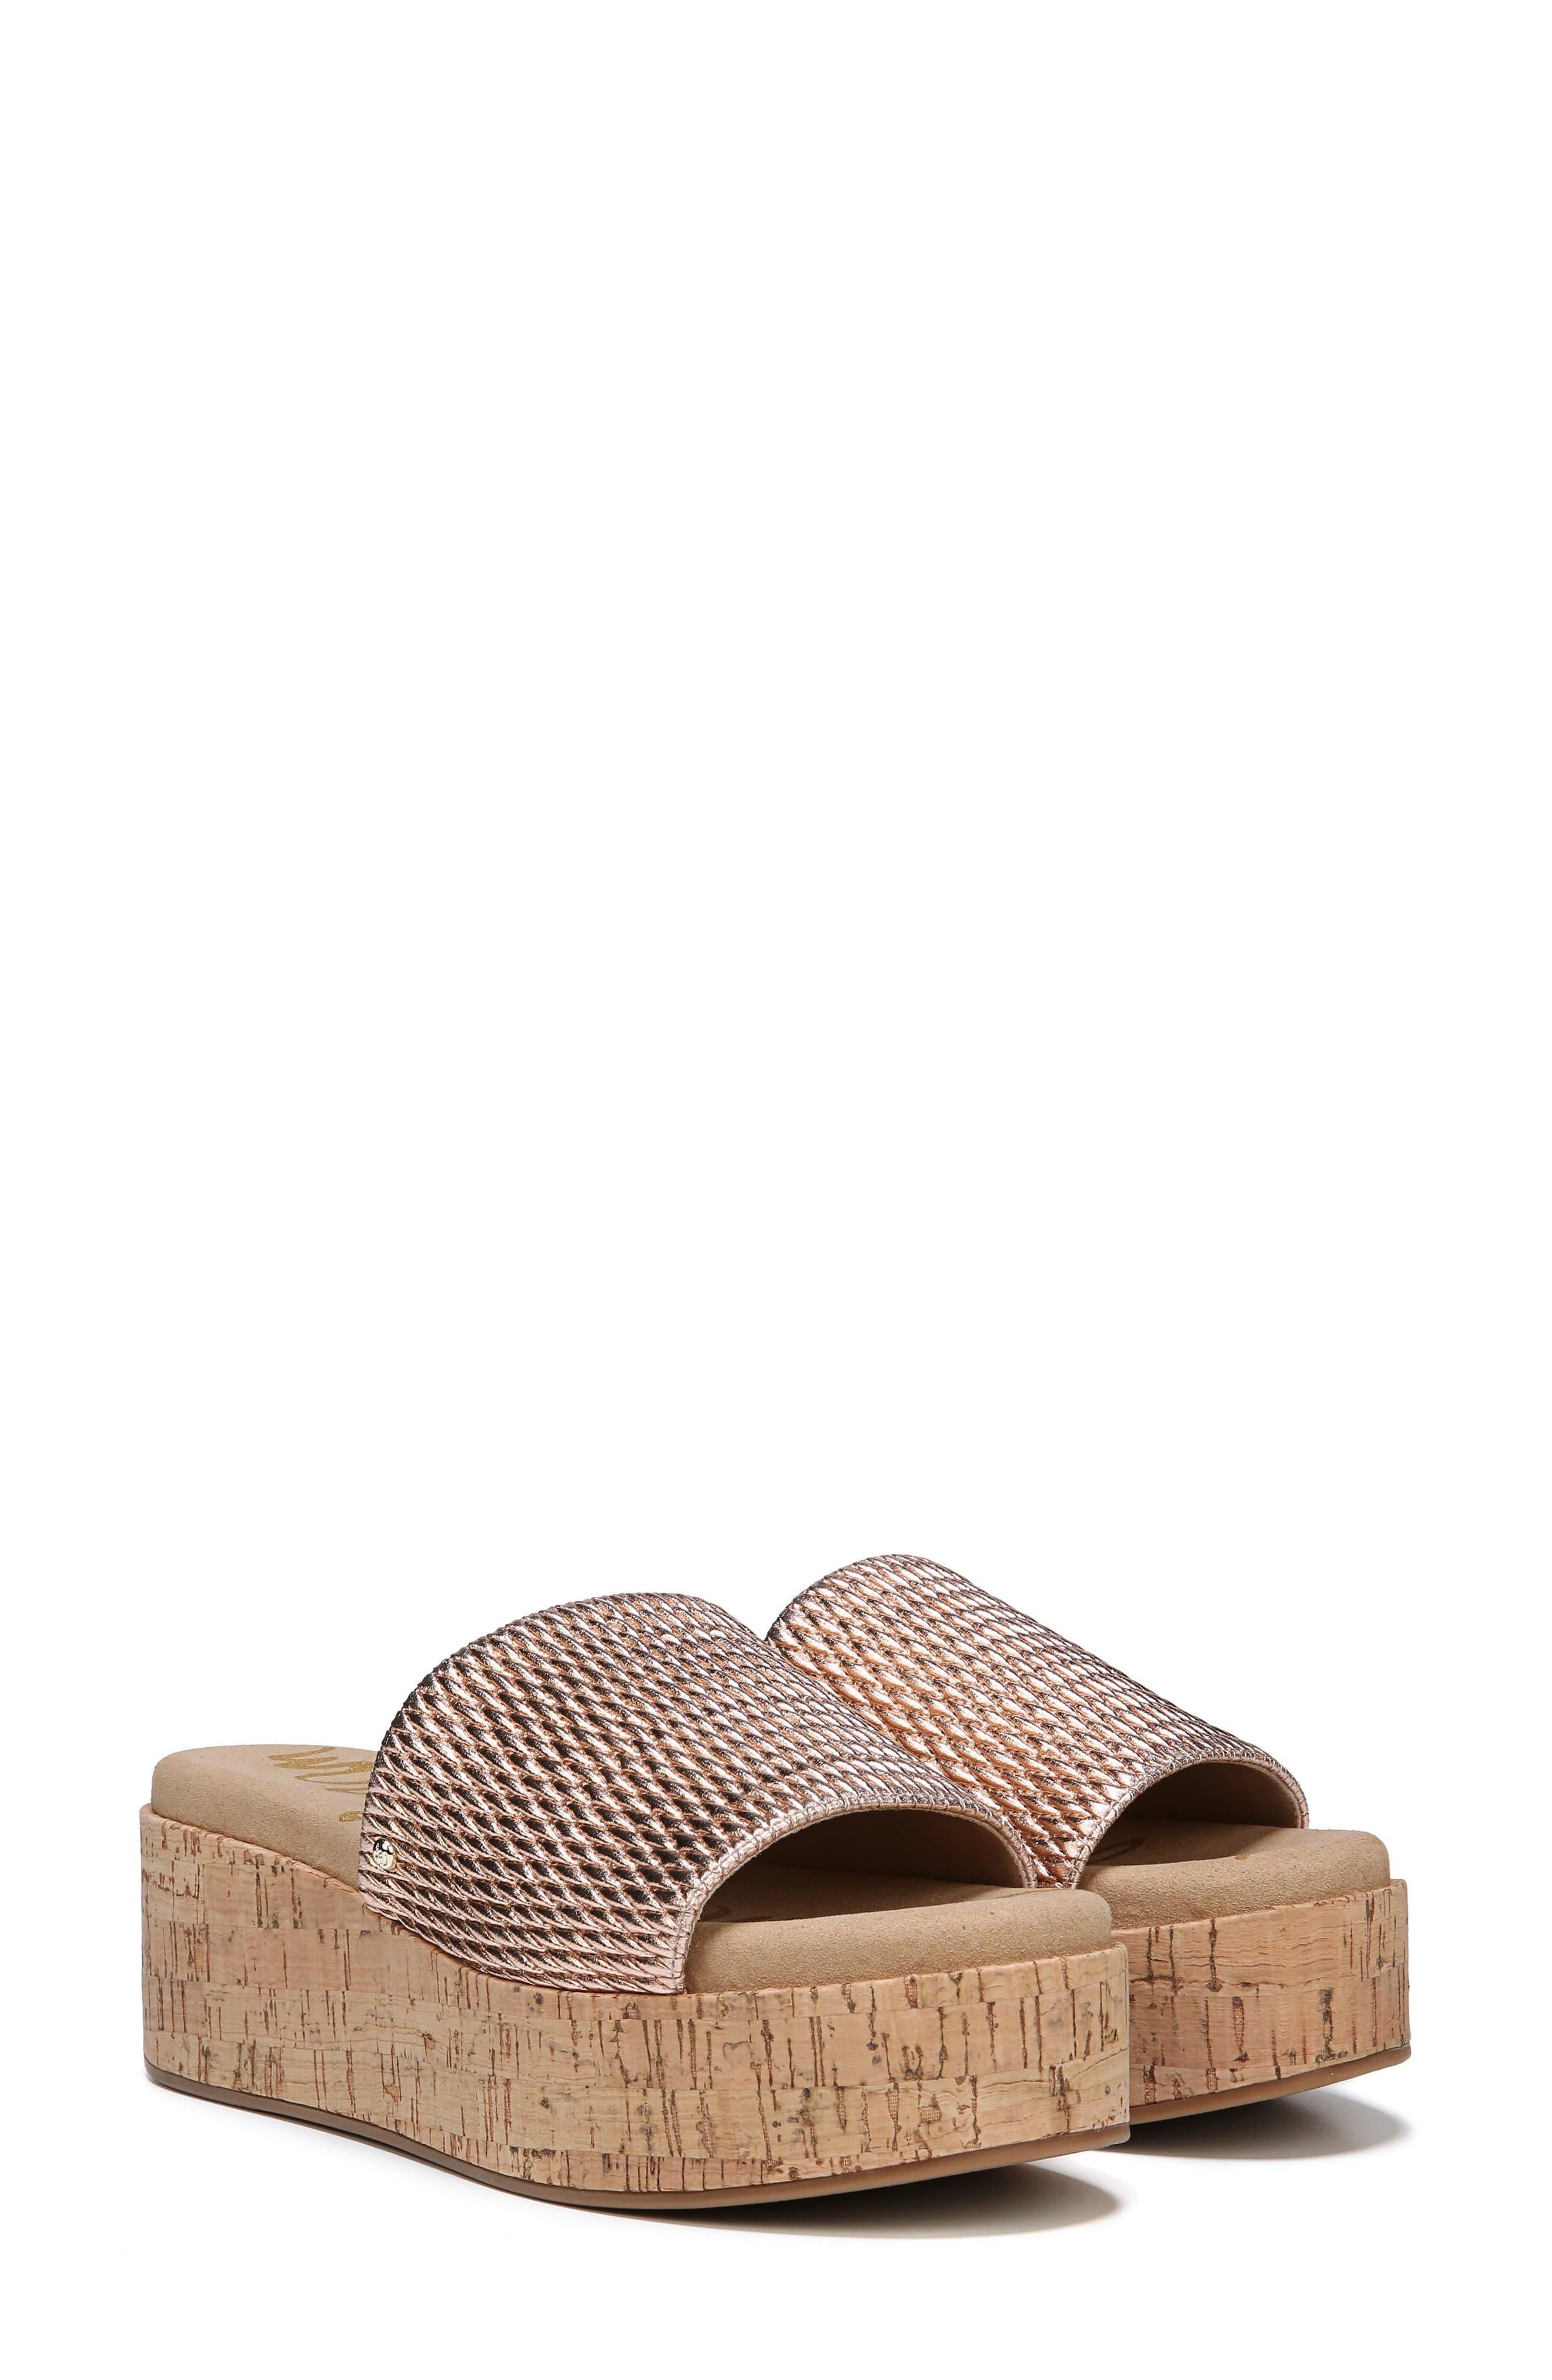 Wendi Platform Slide Sandal,                             Alternate thumbnail 8, color,                             Blush Gold Metallic Fabric